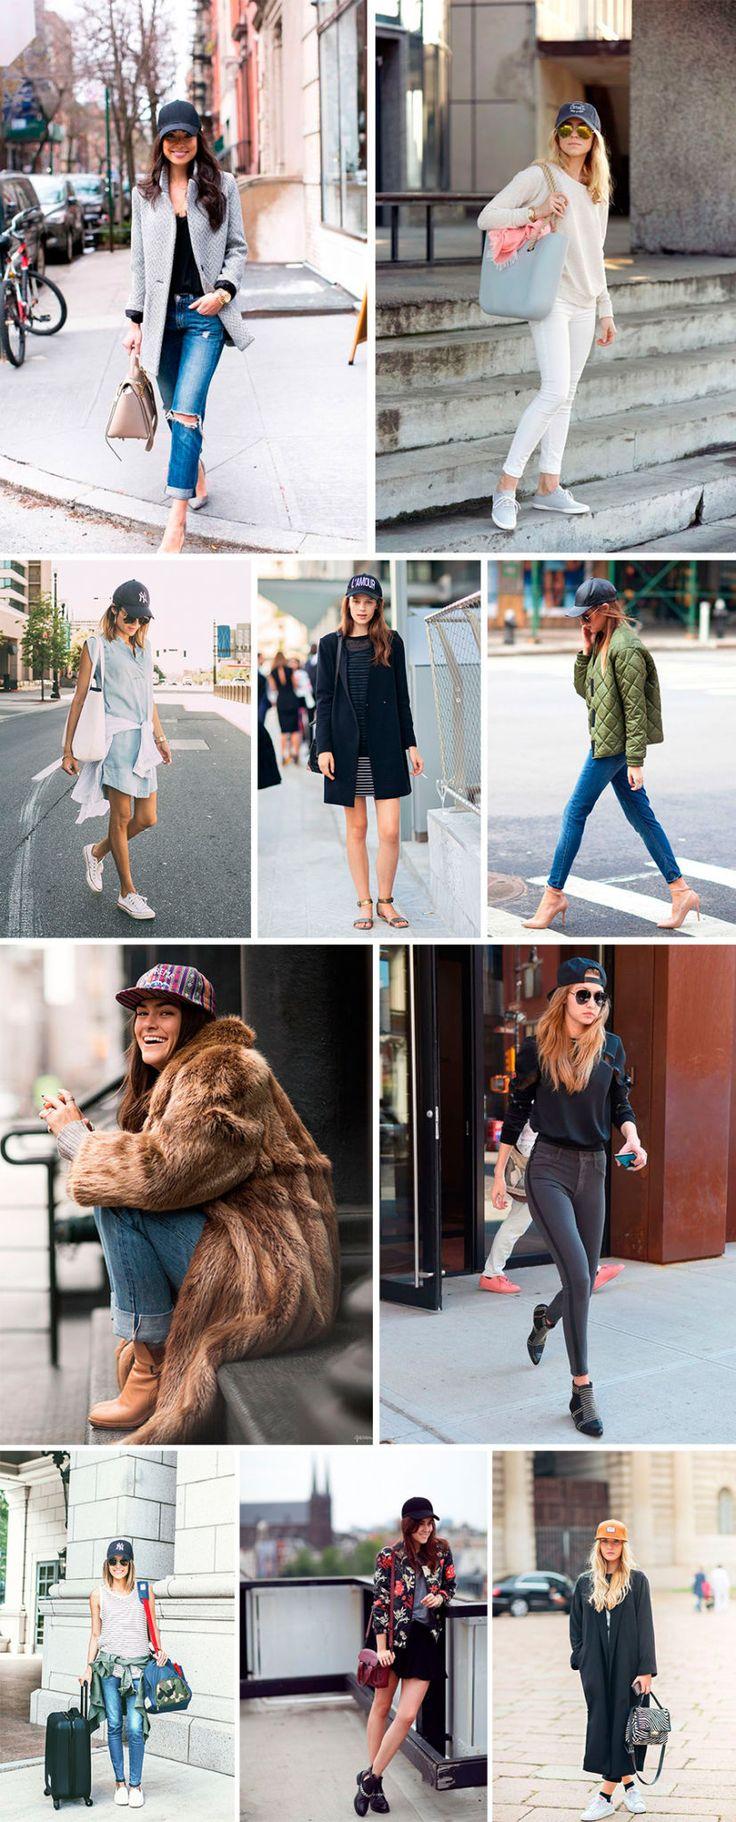 A nova tendência fashion é o boné como acessório da vez. Fashionistas mundo a fora mostram como usar em seus looks de street style.